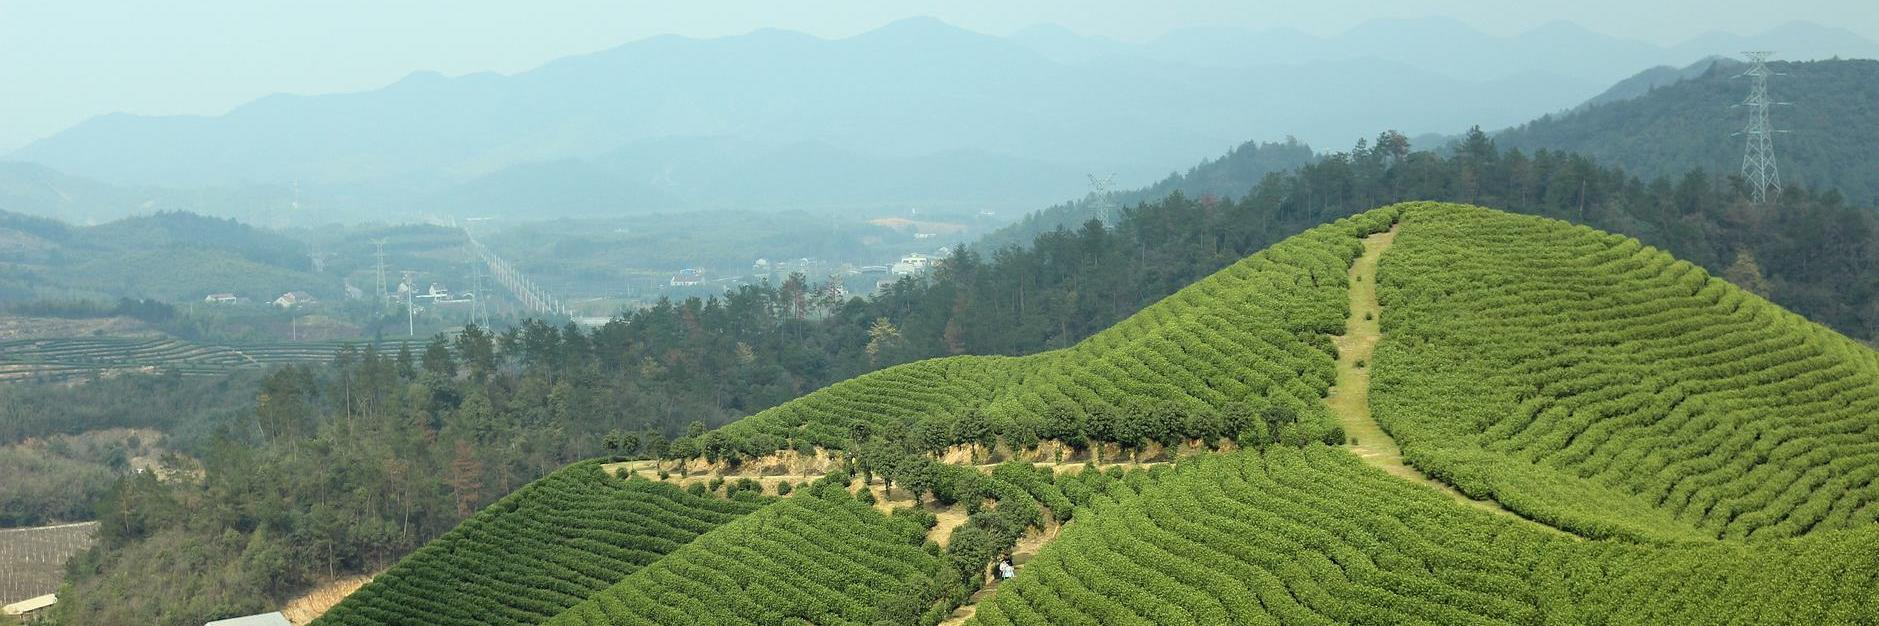 不负春光,来到天然氧吧驾云山,你喜欢的山茶花和忘忧草这里都有